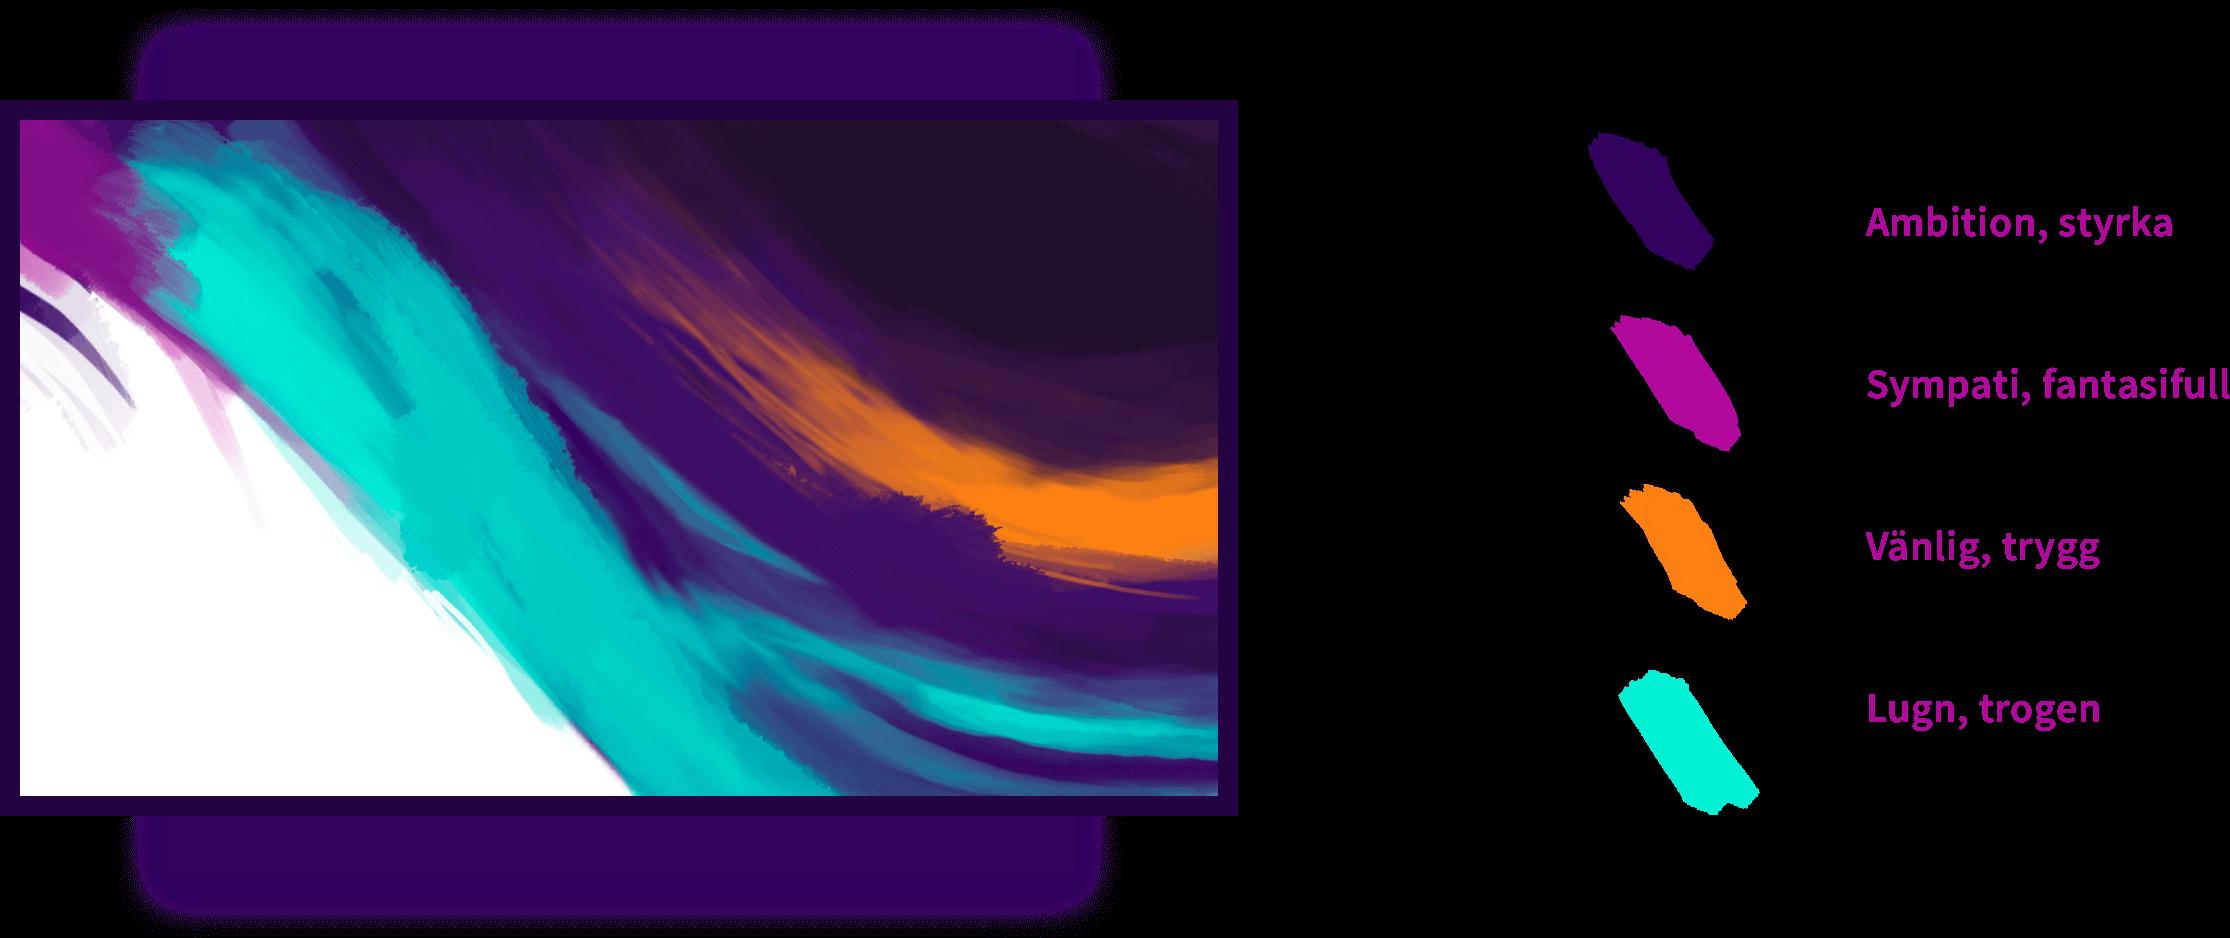 färgdemonstration med känslor/reaktioner tillskriven varje färg